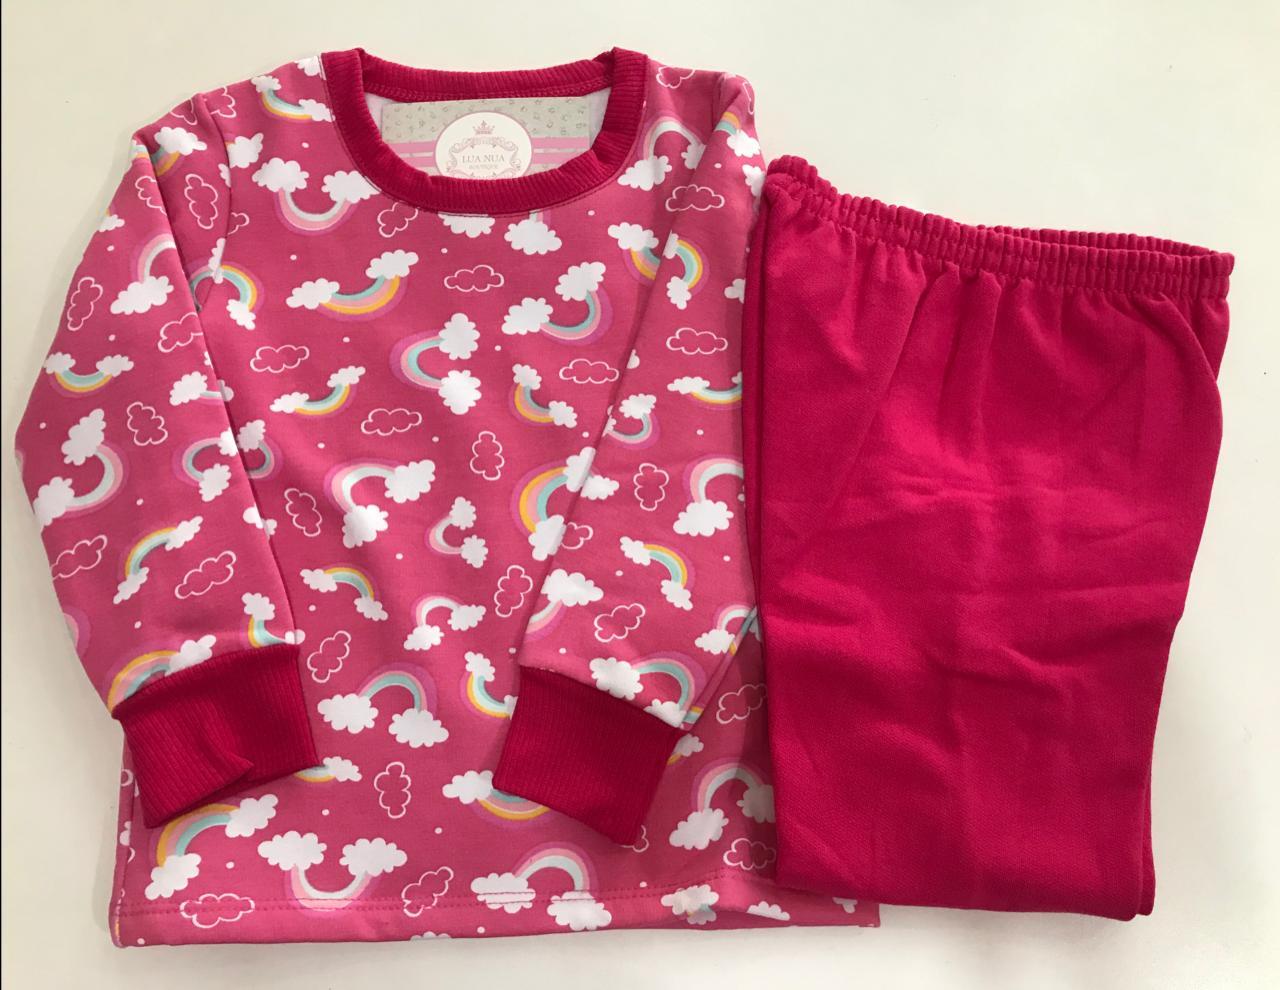 Pijama Feminino Infantil Bebe Abrange Rosa Pink com Nuvem Arco Iris em Algodão Flanelado  9039